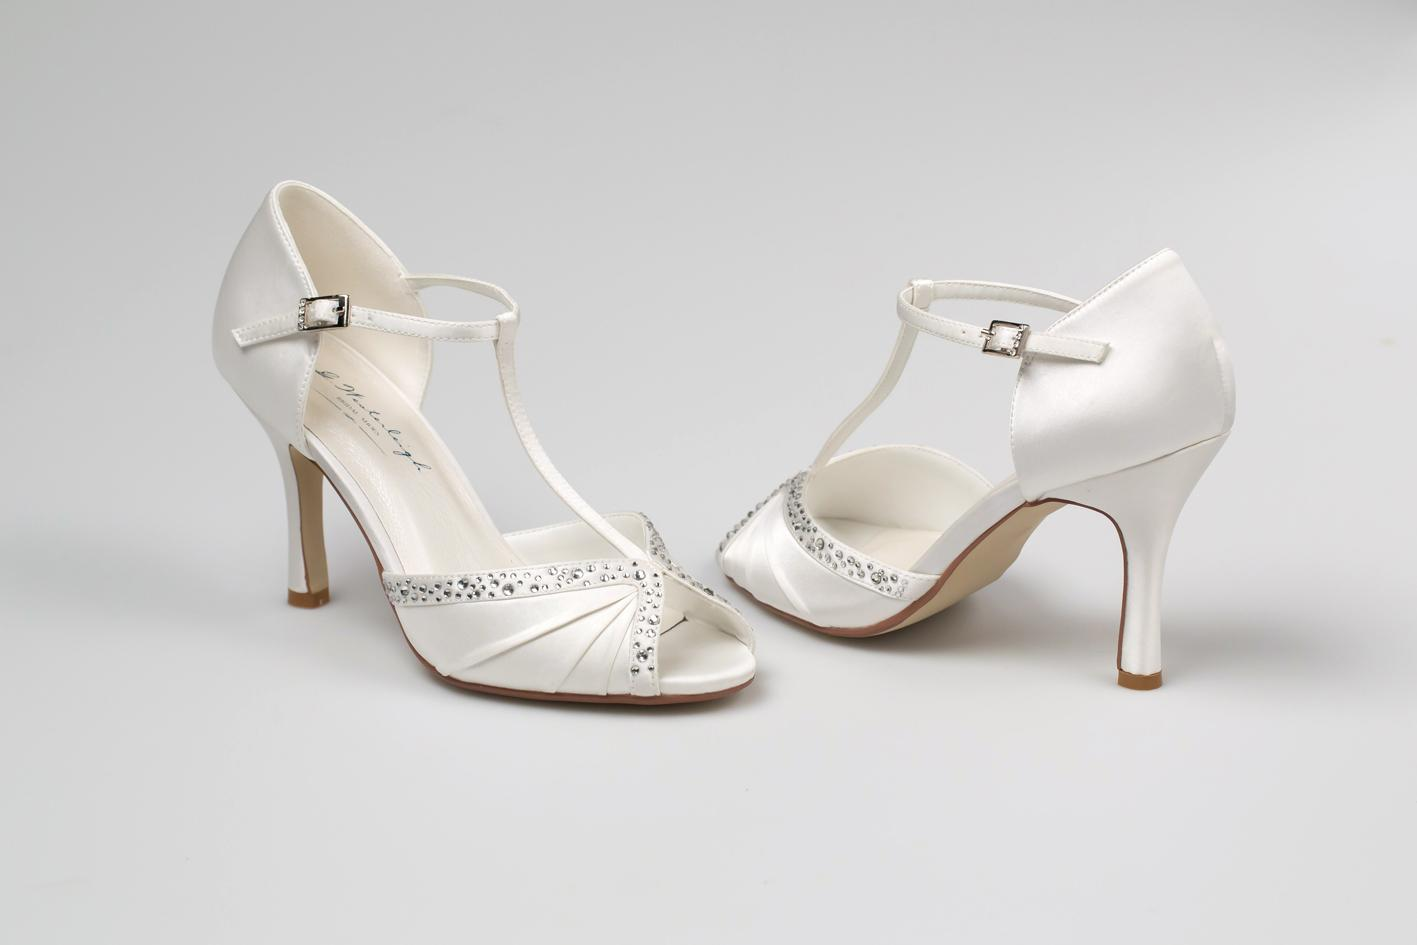 df7989521 Svadobné topánky tiffany, 39 - 85 € | Svadobné shopy | Mojasvadba.sk